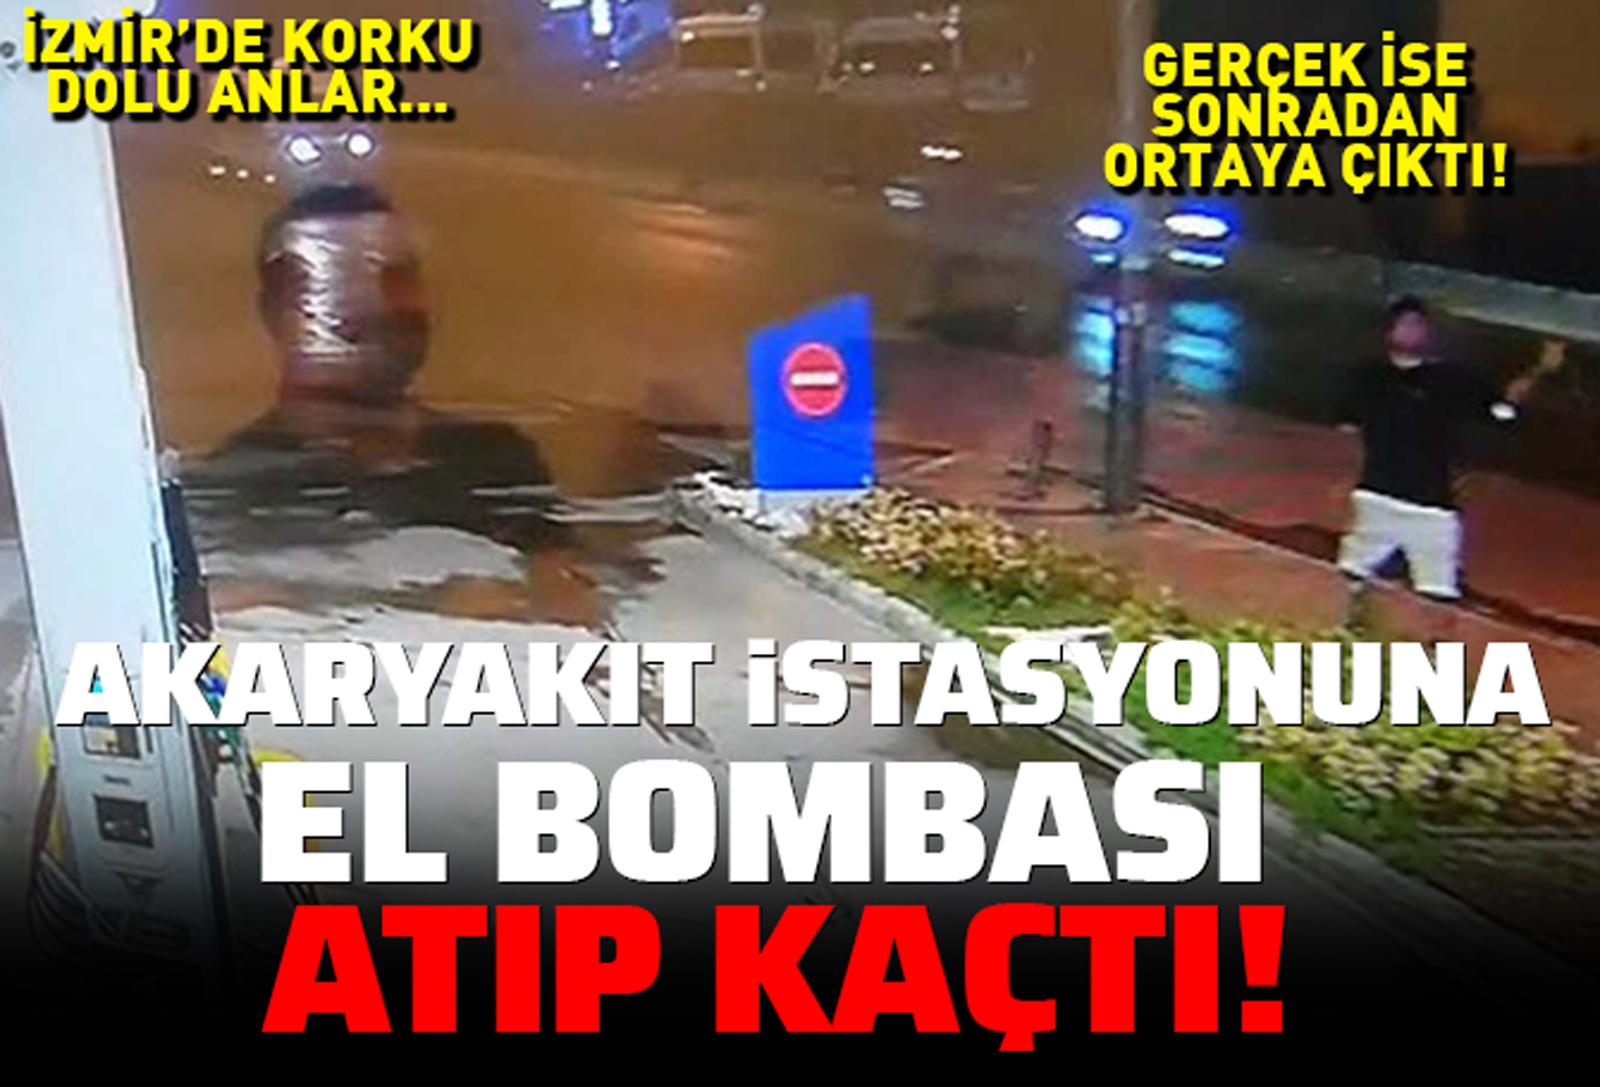 İzmir'de korku dolu anlar! Akaryakıt istasyonuna el bombası attı! Gerçek ise şoke etti…